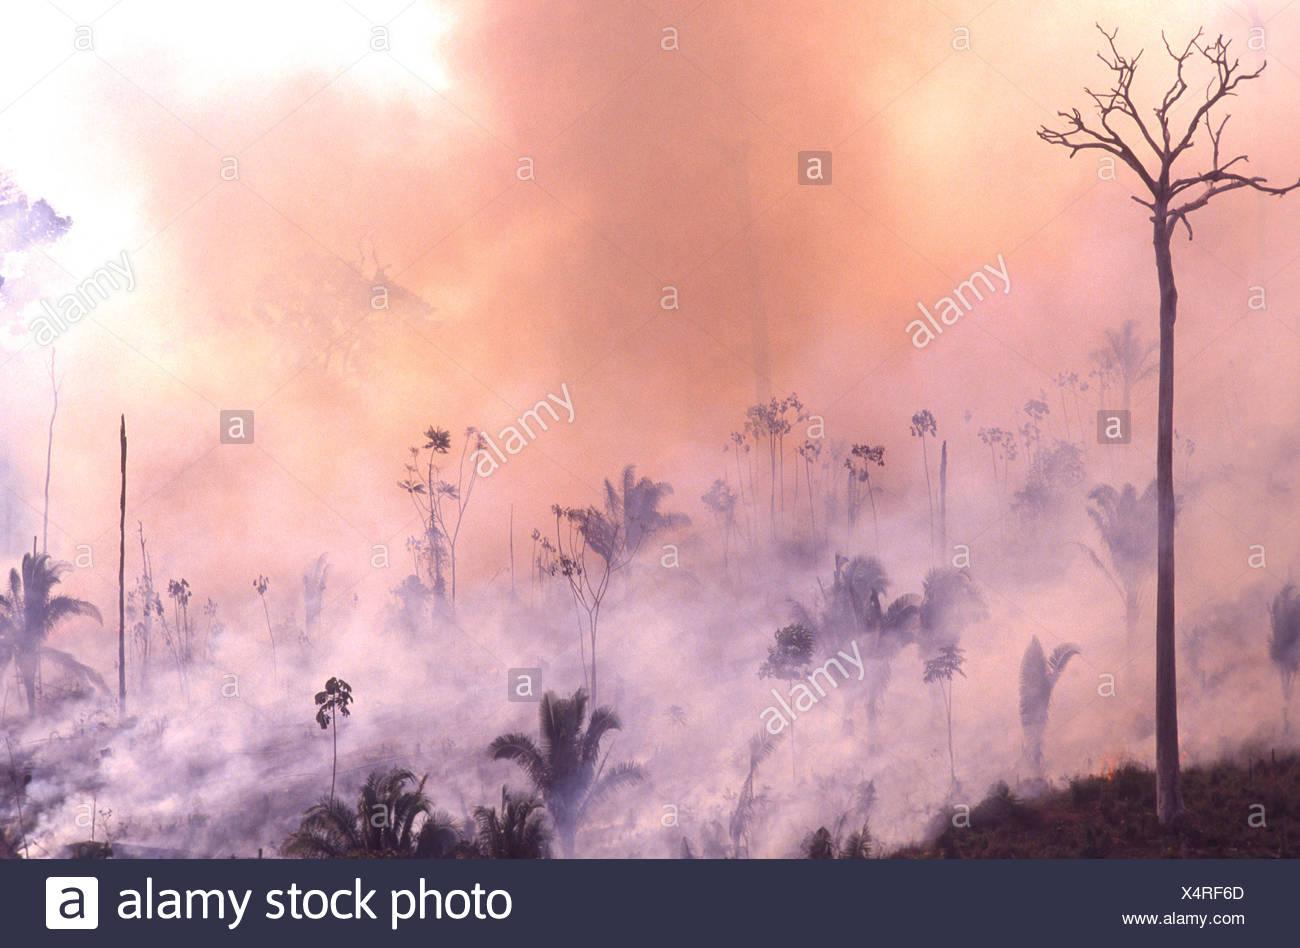 Amazon rain forest burning Deforestation Brazil Burned trees ecological umbalance land clearance - Stock Image